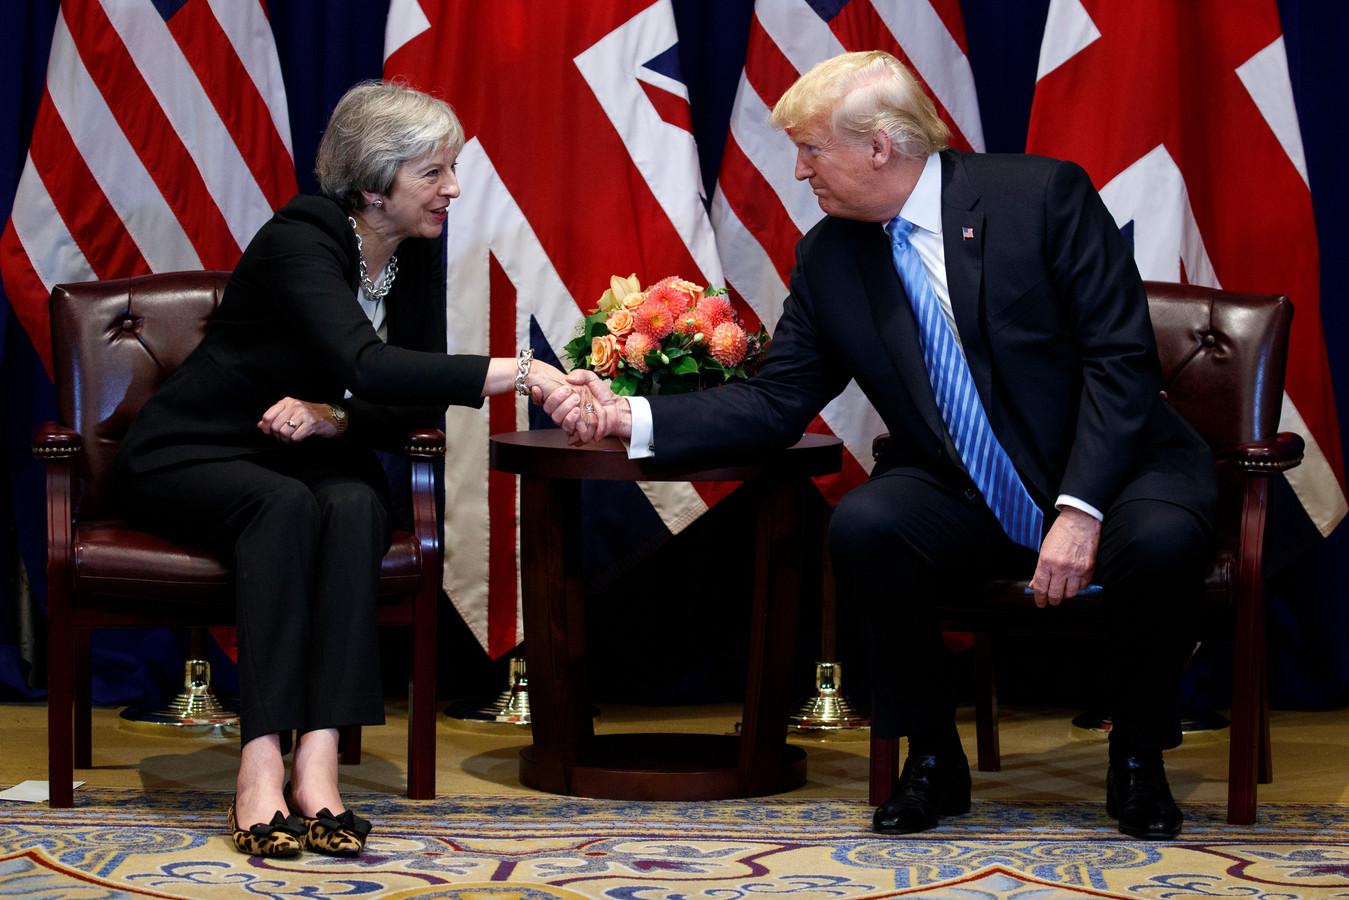 Een ontmoeting tussen president Donald Trump (rechts) en de Britse premier Theresa May in september 2018.